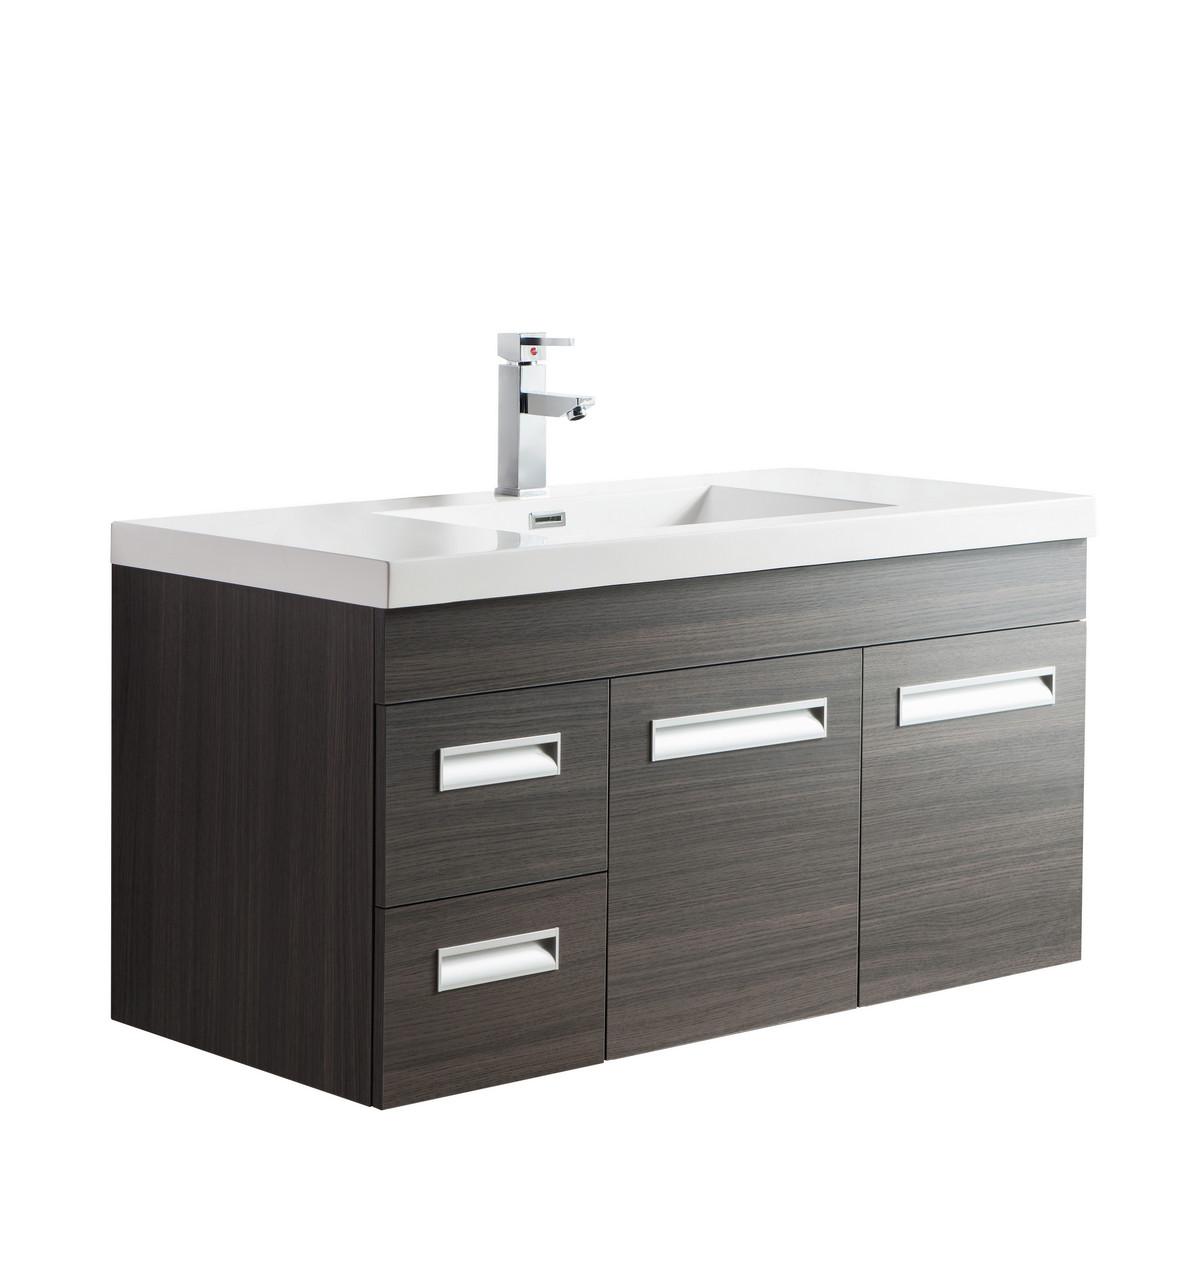 Alma 42 Grey Oak Wall Hung Left Side Modern Bathroom Vanity Bathroom Vanities Wholesale Inc